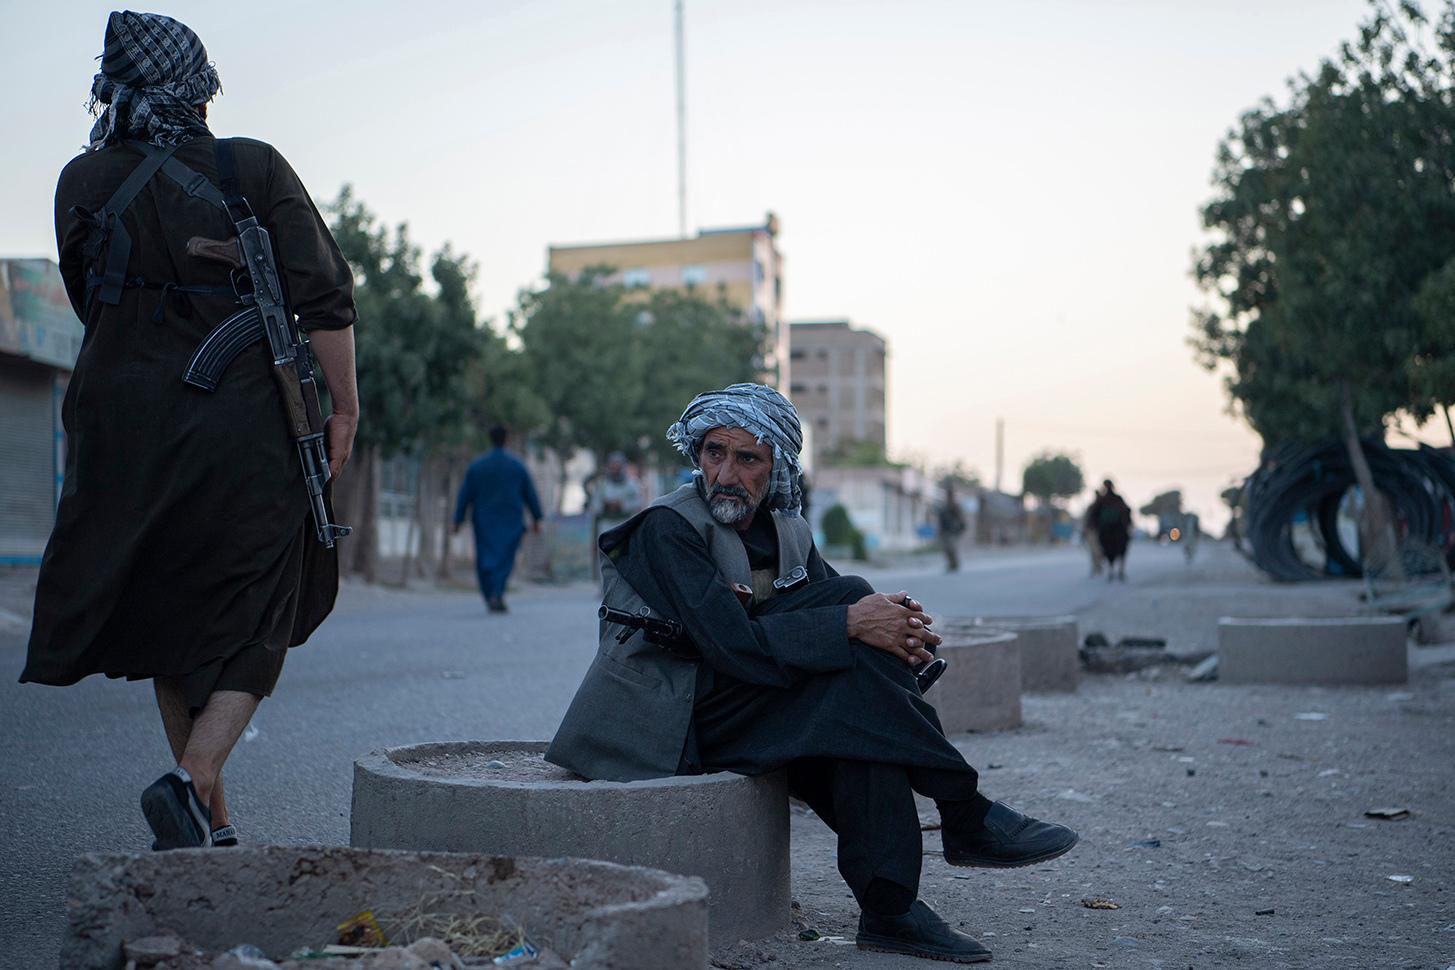 شهری به ماتی مرگ، گزارش نیلوفر از هرات